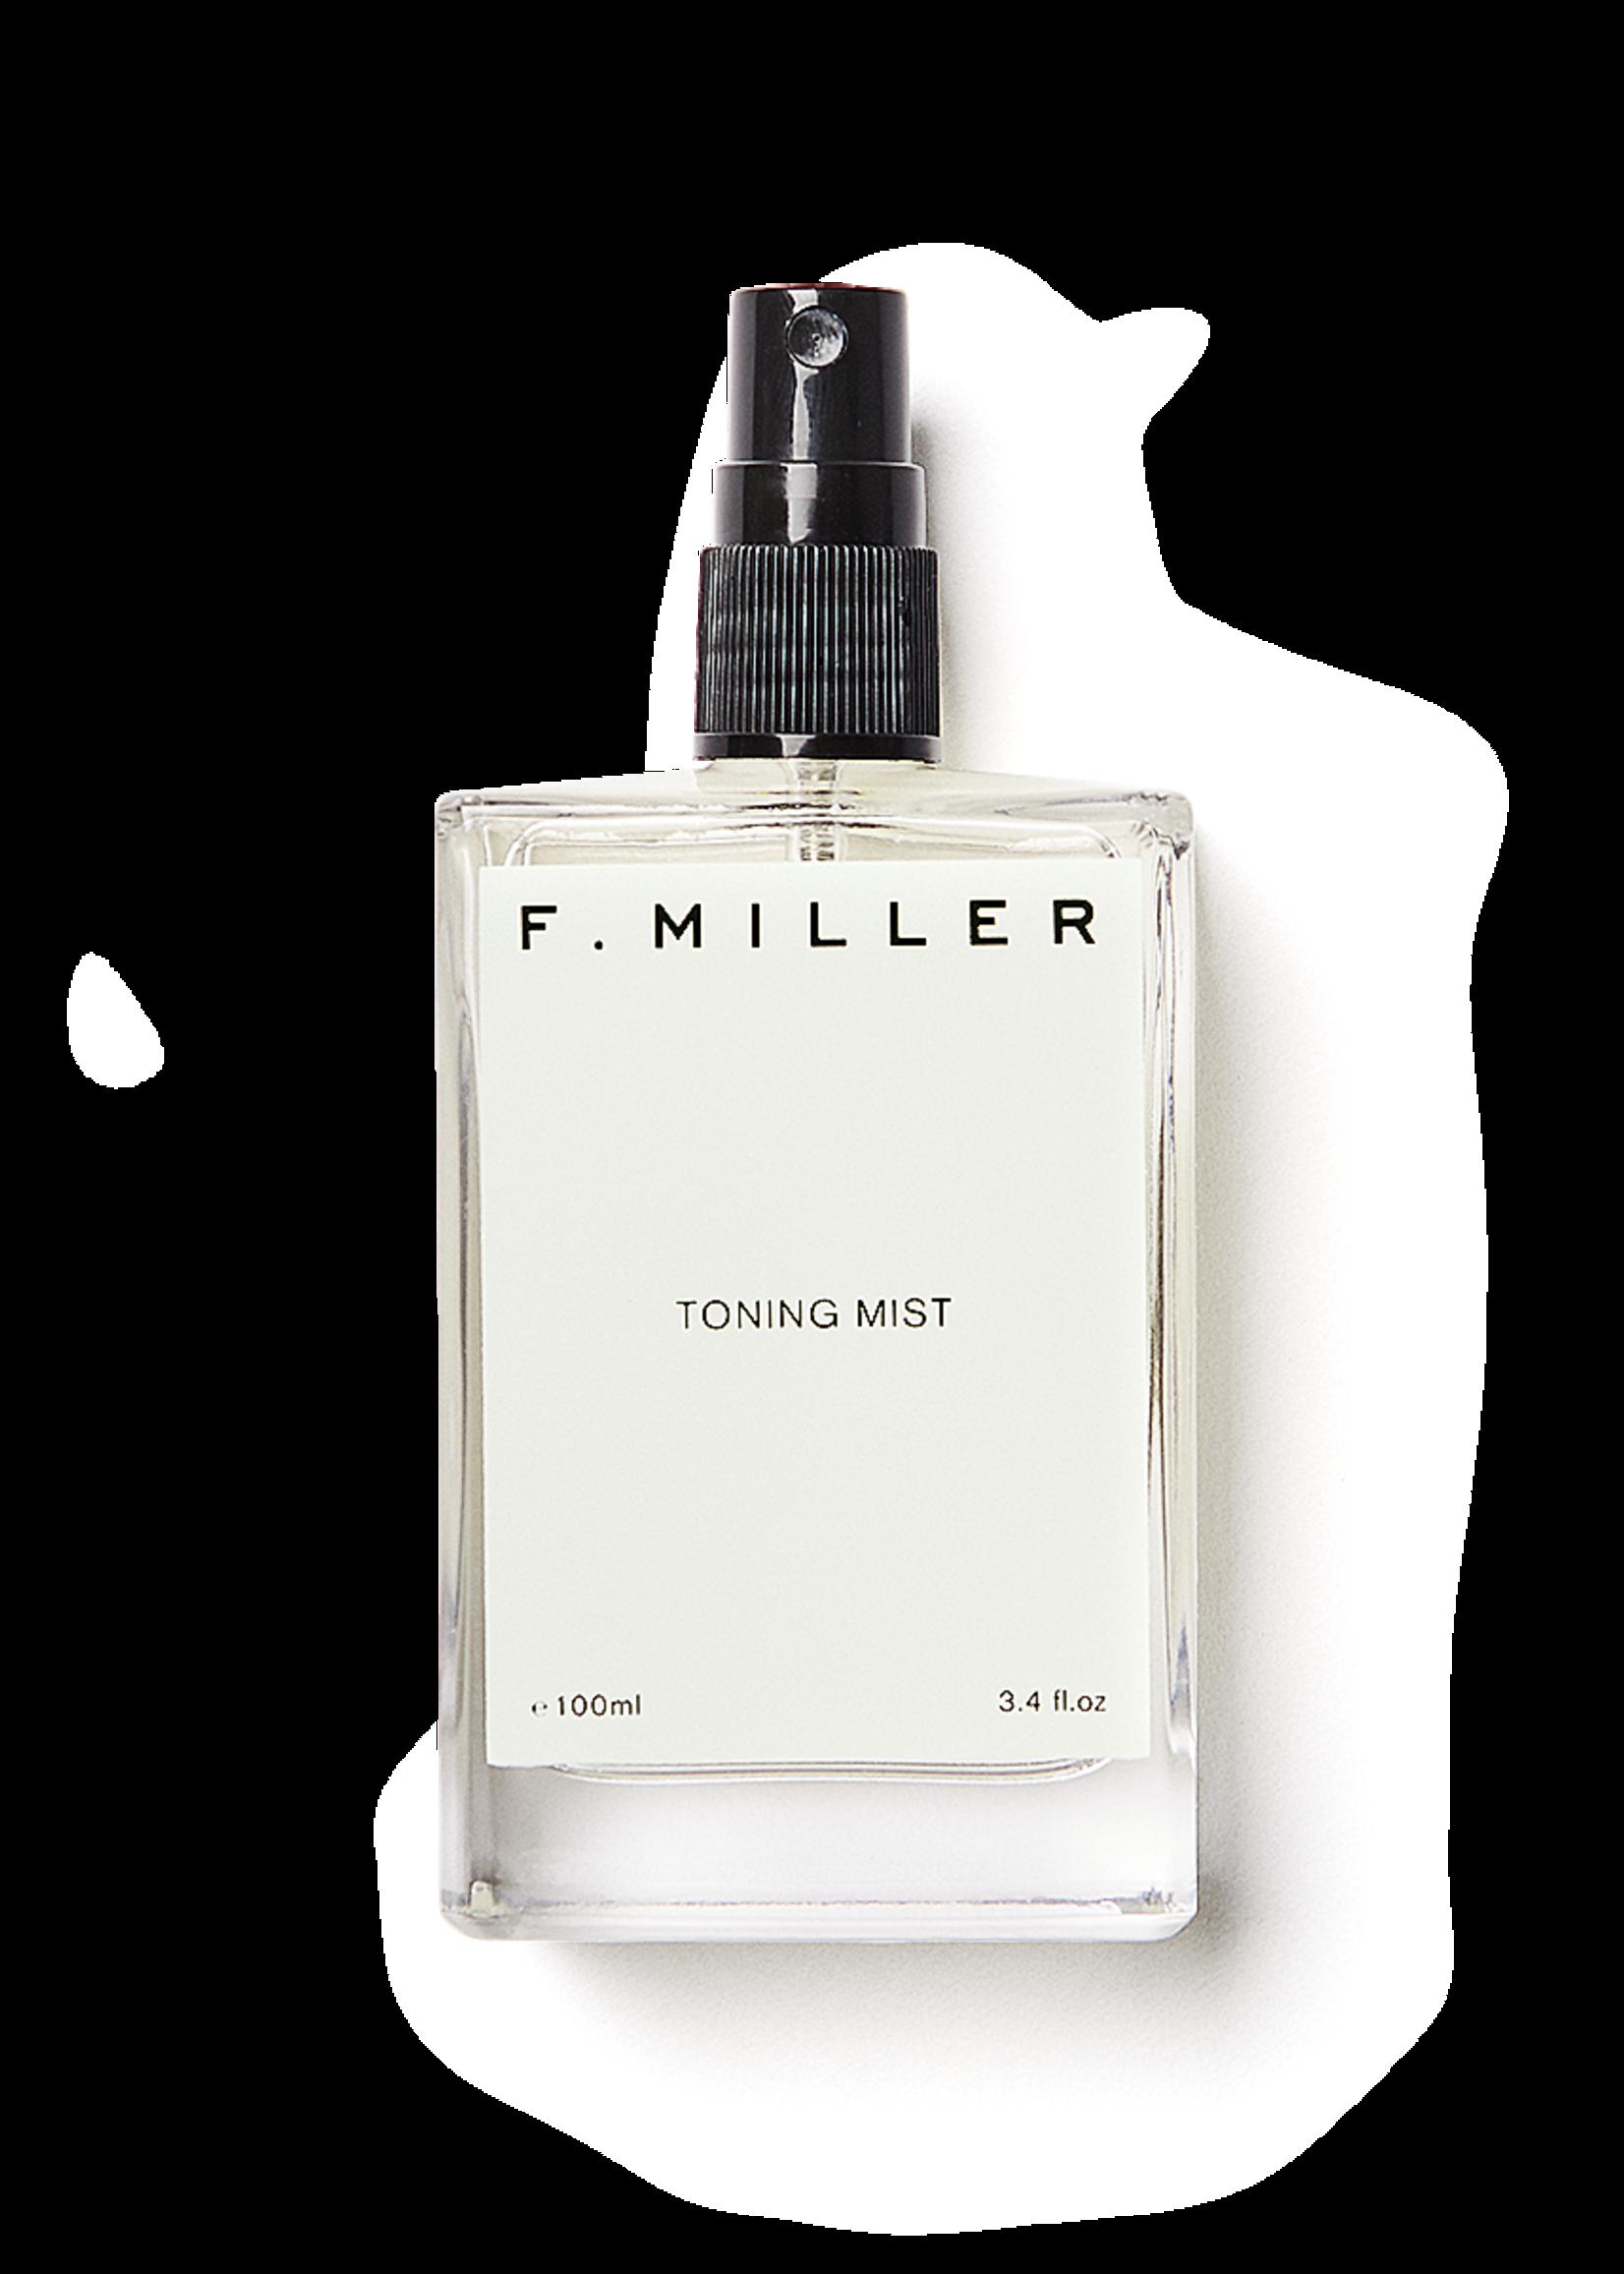 F. MILLER Toning Mist